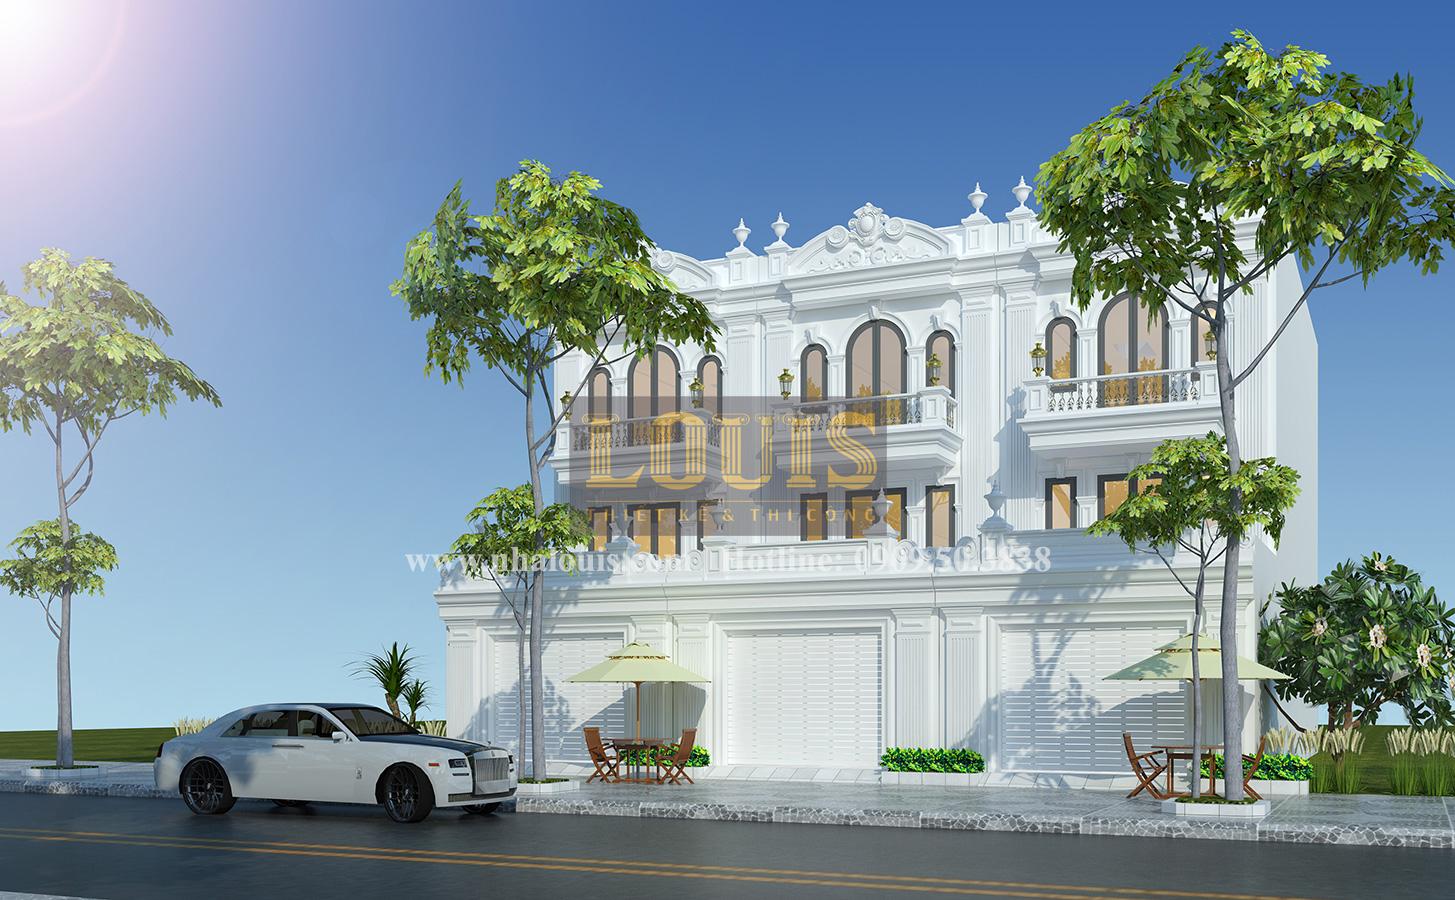 Tư vấn thiết kế mẫu nhà liền kề ở Bình Dương theo phong cách cổ điển - 01